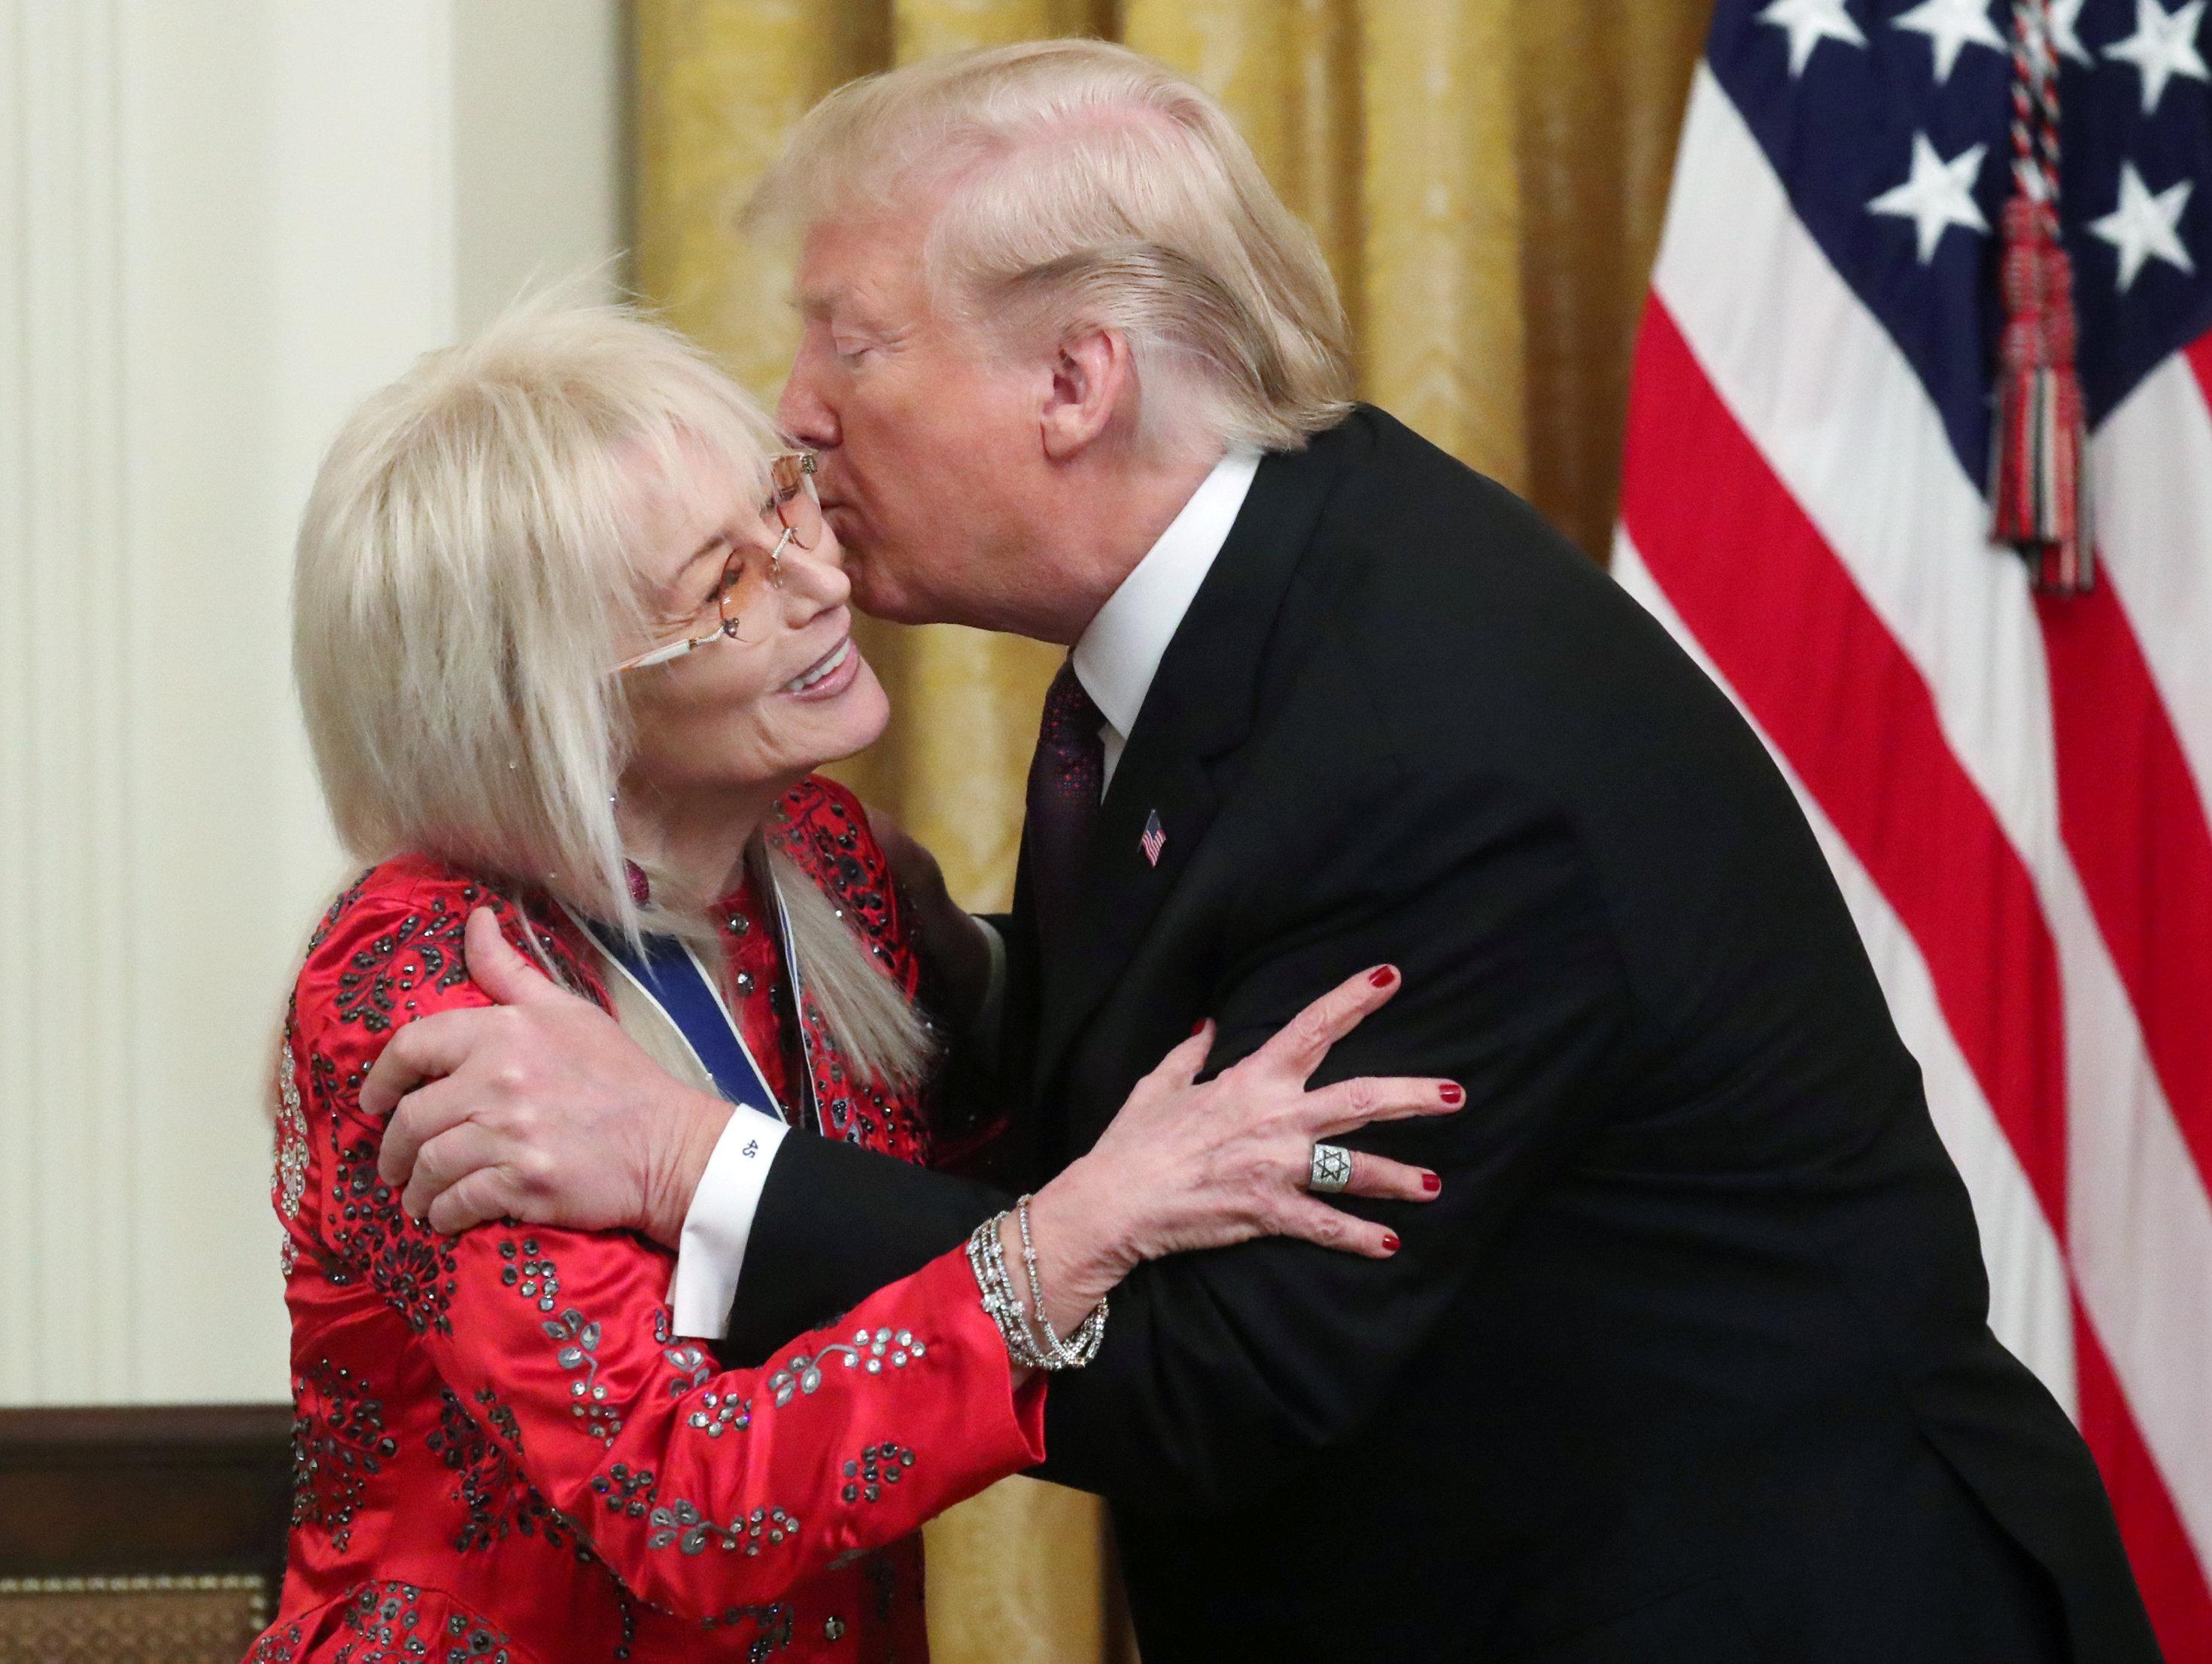 יחד עם אלוויס: טראמפ העניק למרים אדלסון את מדליית החירות